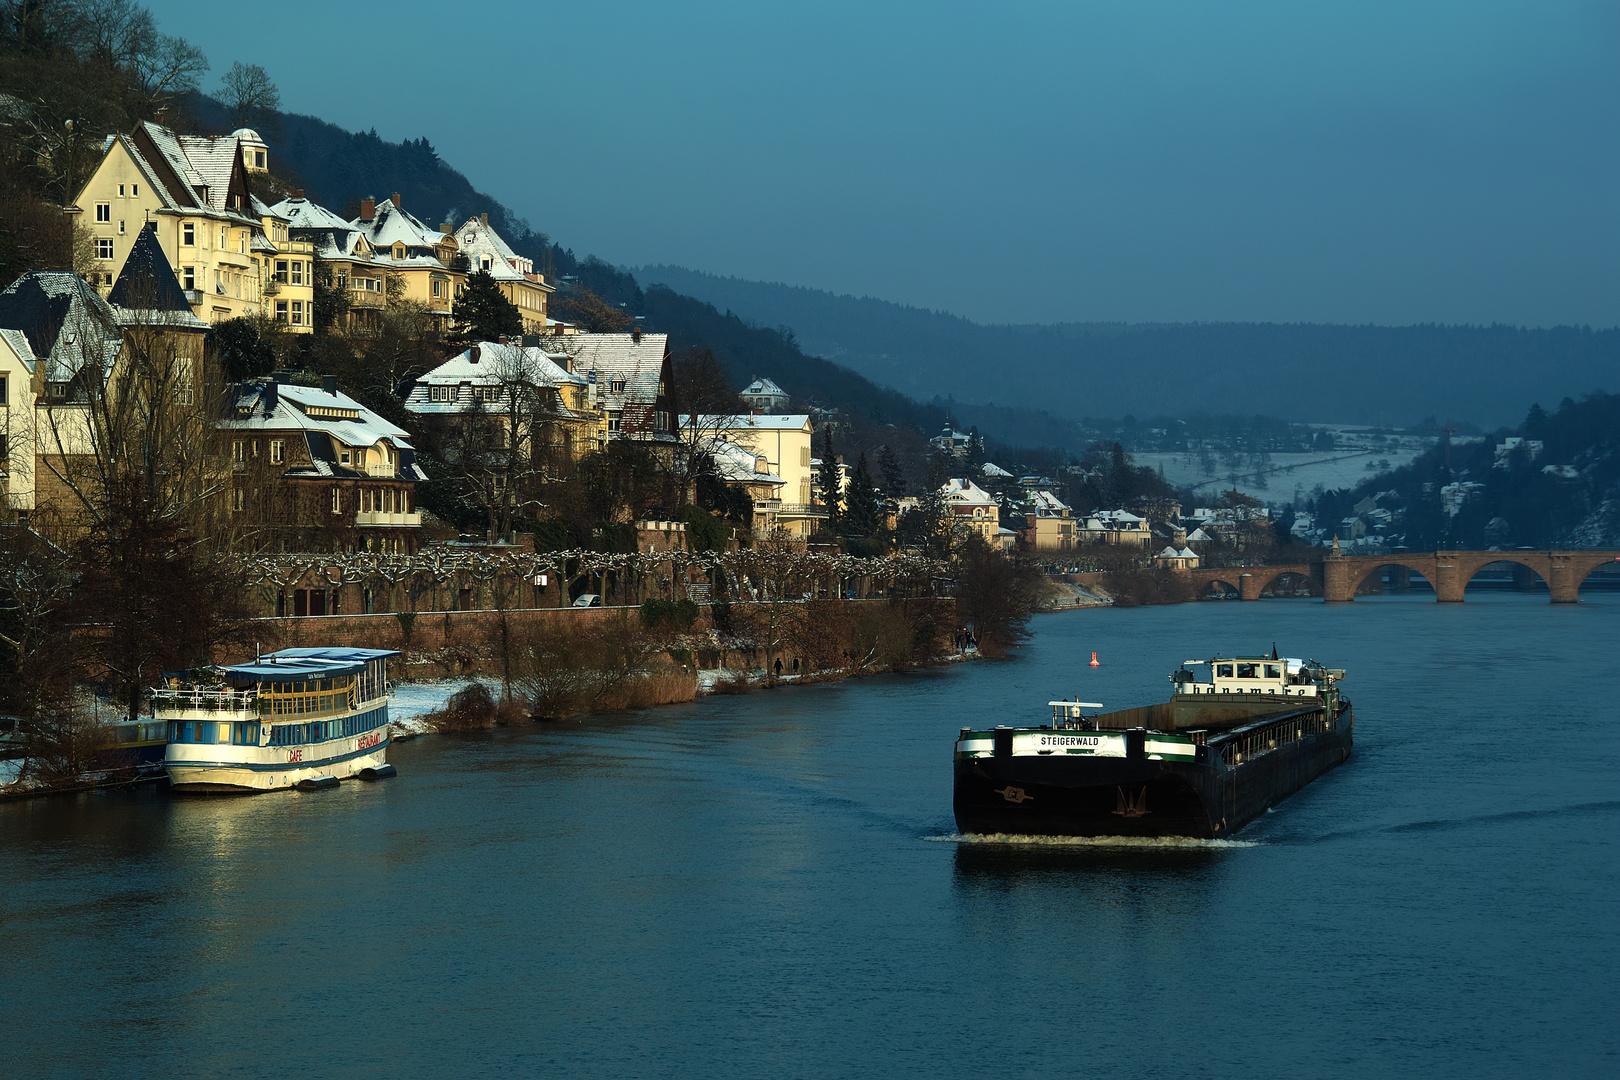 Abend in Heidelberg